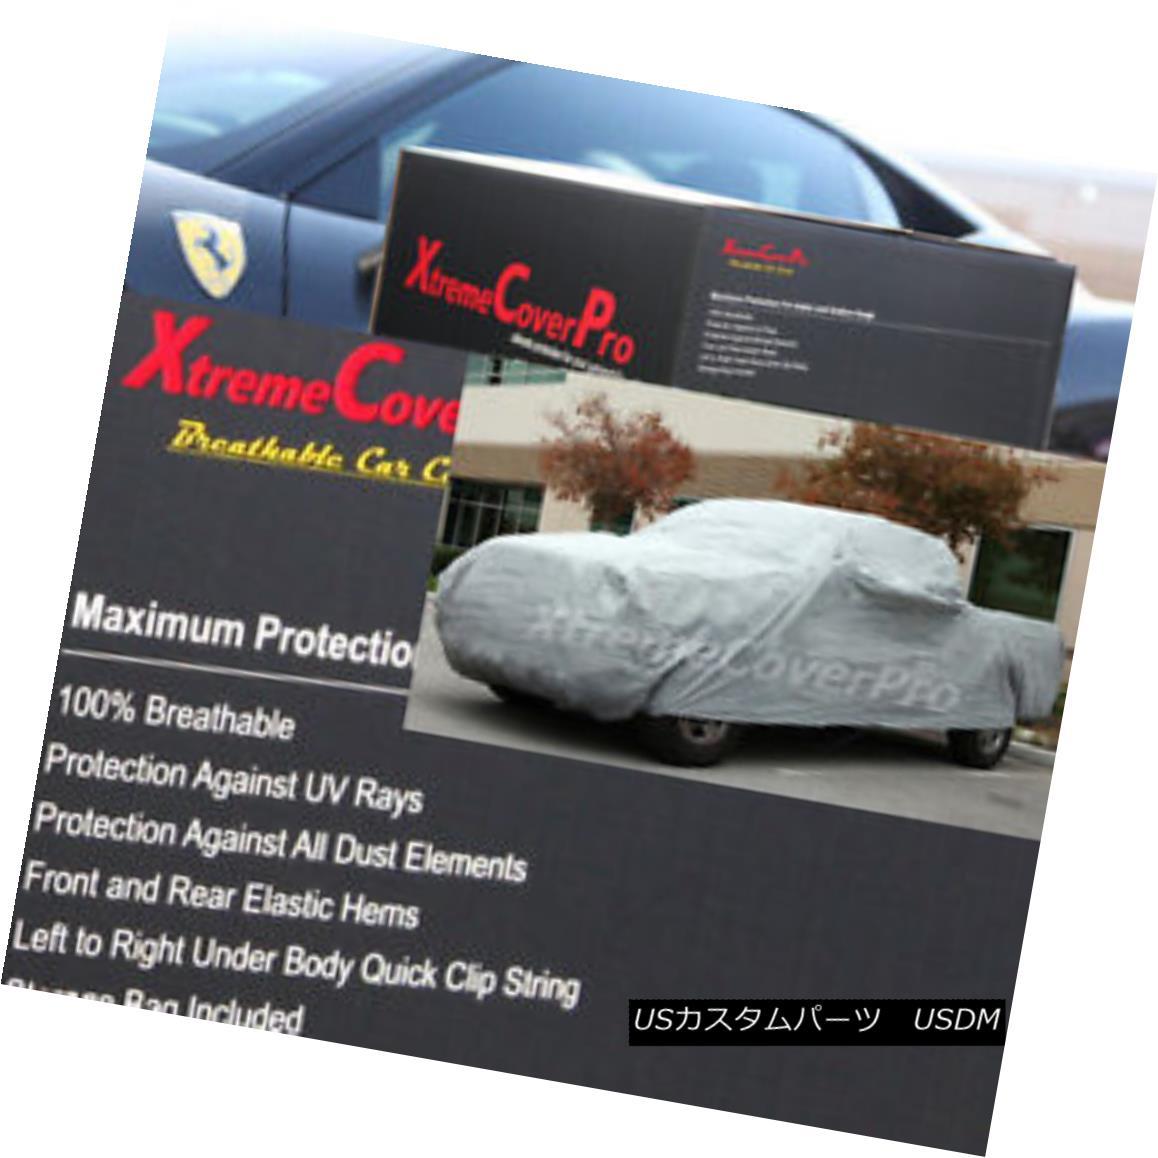 カーカバー 2004 2005 2006 2007 Ford F-250 Reg Cab 8ft Bed Breathable Truck Cover 2004年2005年2006年2007年フォードF-250レッグキャブ8ftベッド通気性トラックカバー